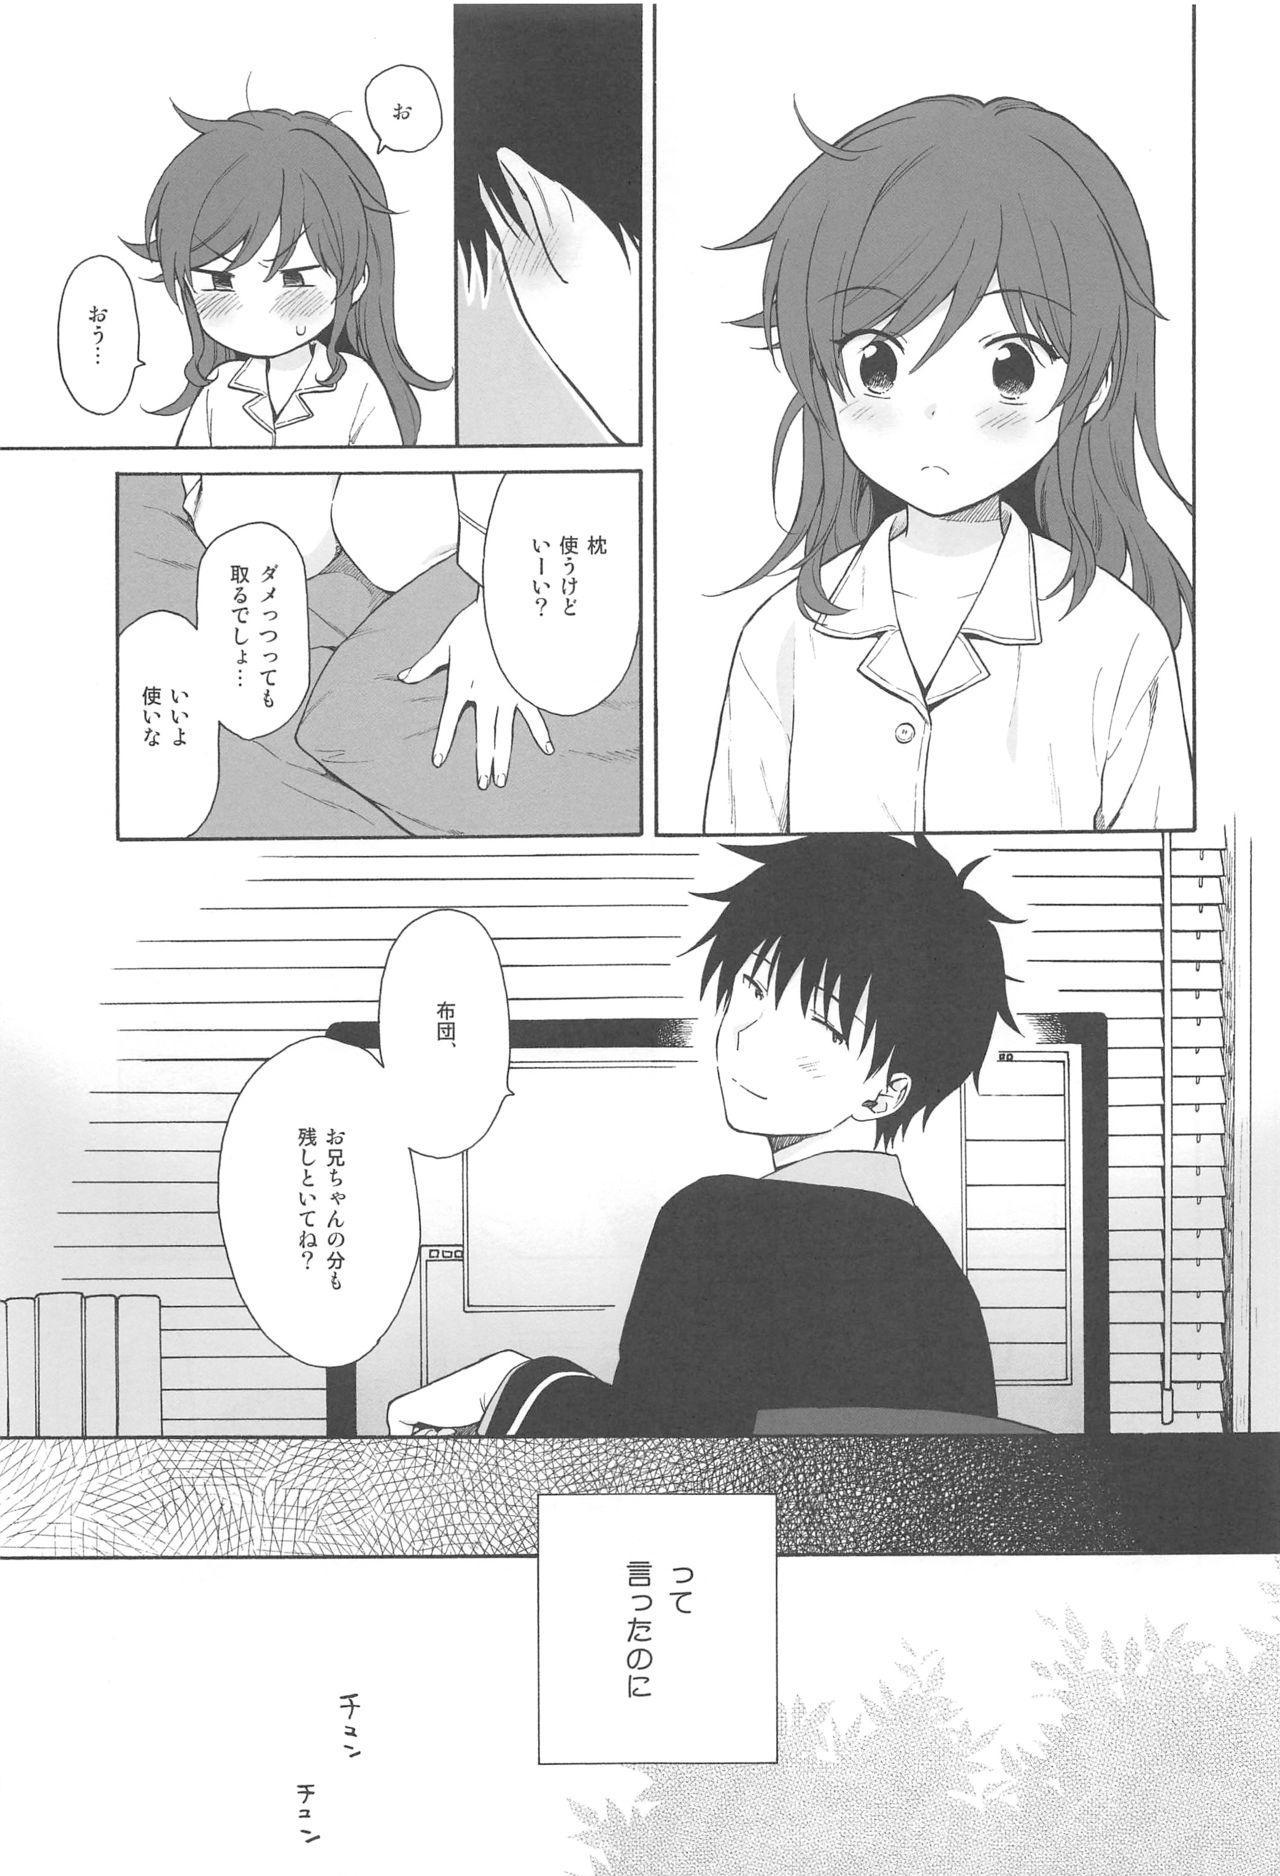 Kono Sekai no Owari made 5